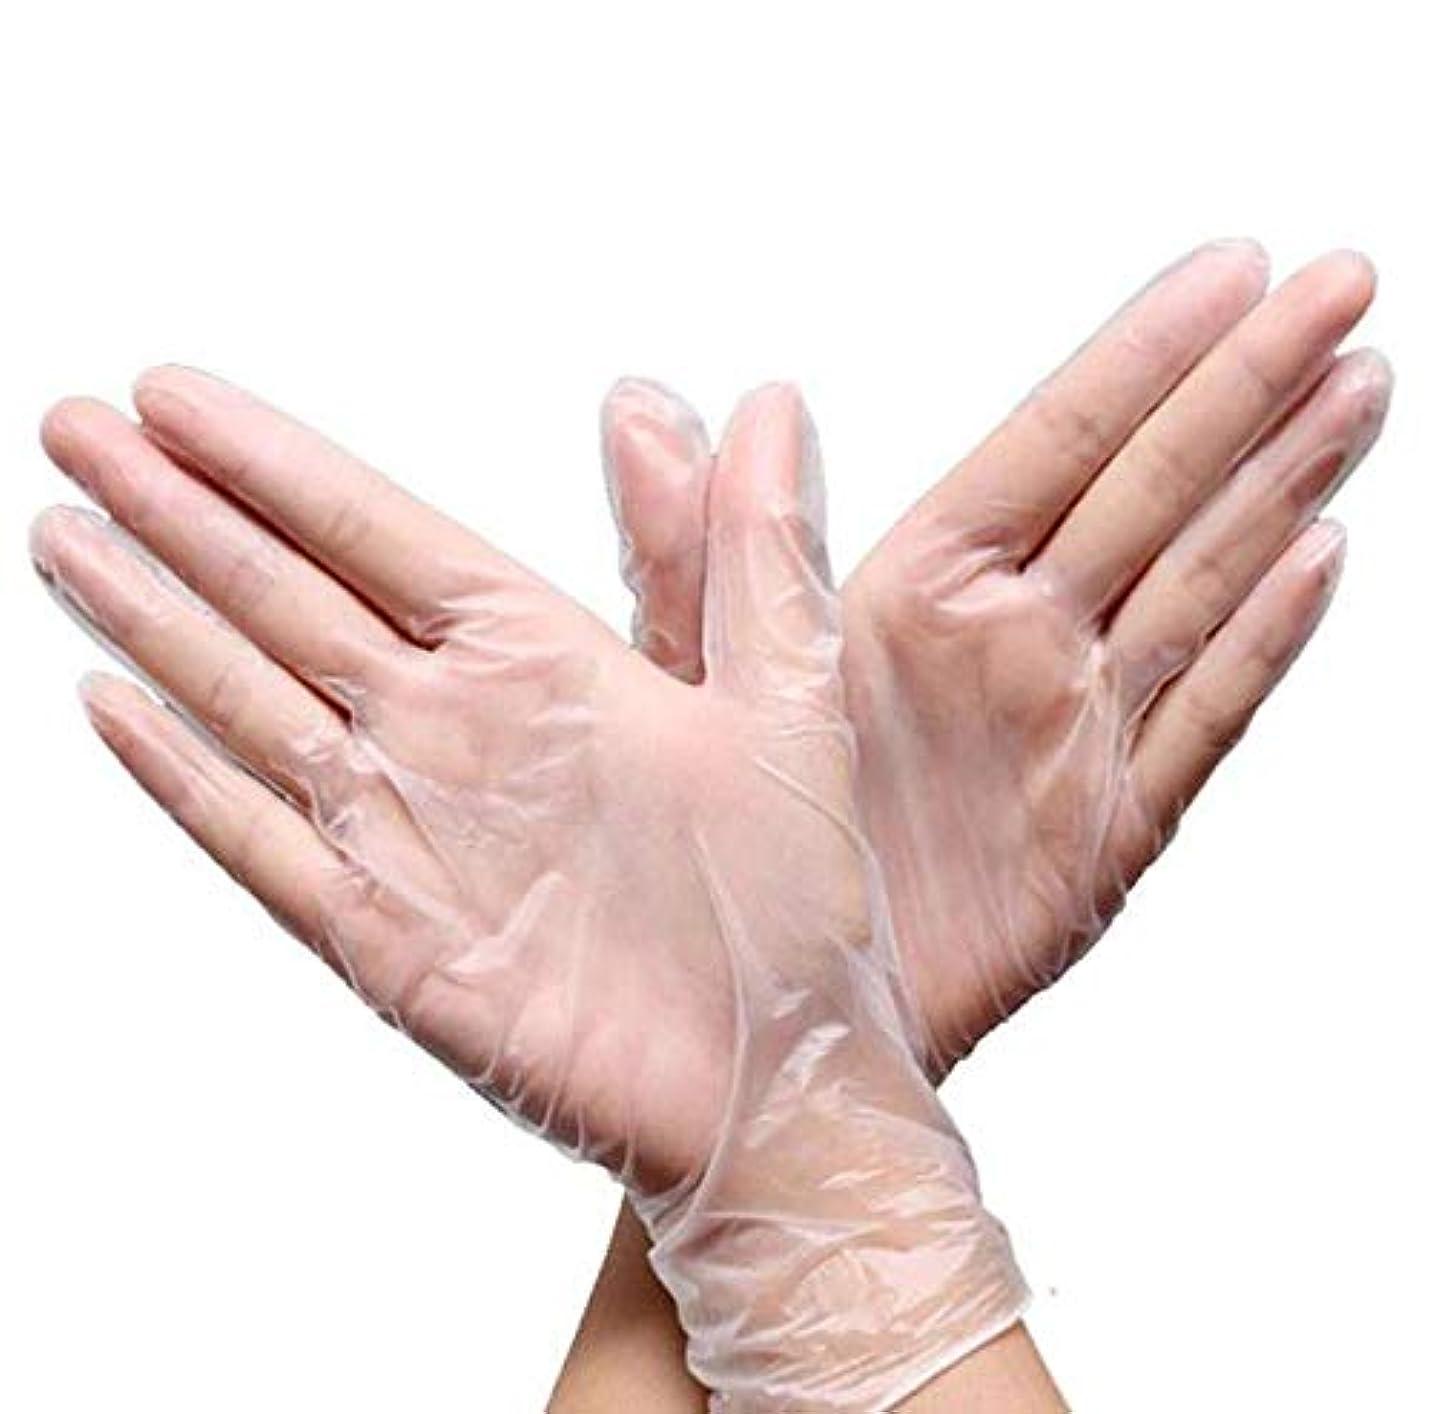 モデレータ確立します震えるSTK ニトリルゴム手袋 使い捨て手袋 透明 耐油 防水 左右兼用 粉なし 手荒れを防ぎ 素手 薄い 介護 トイレ掃除 園芸 美容 食器洗い (50ペアセット)